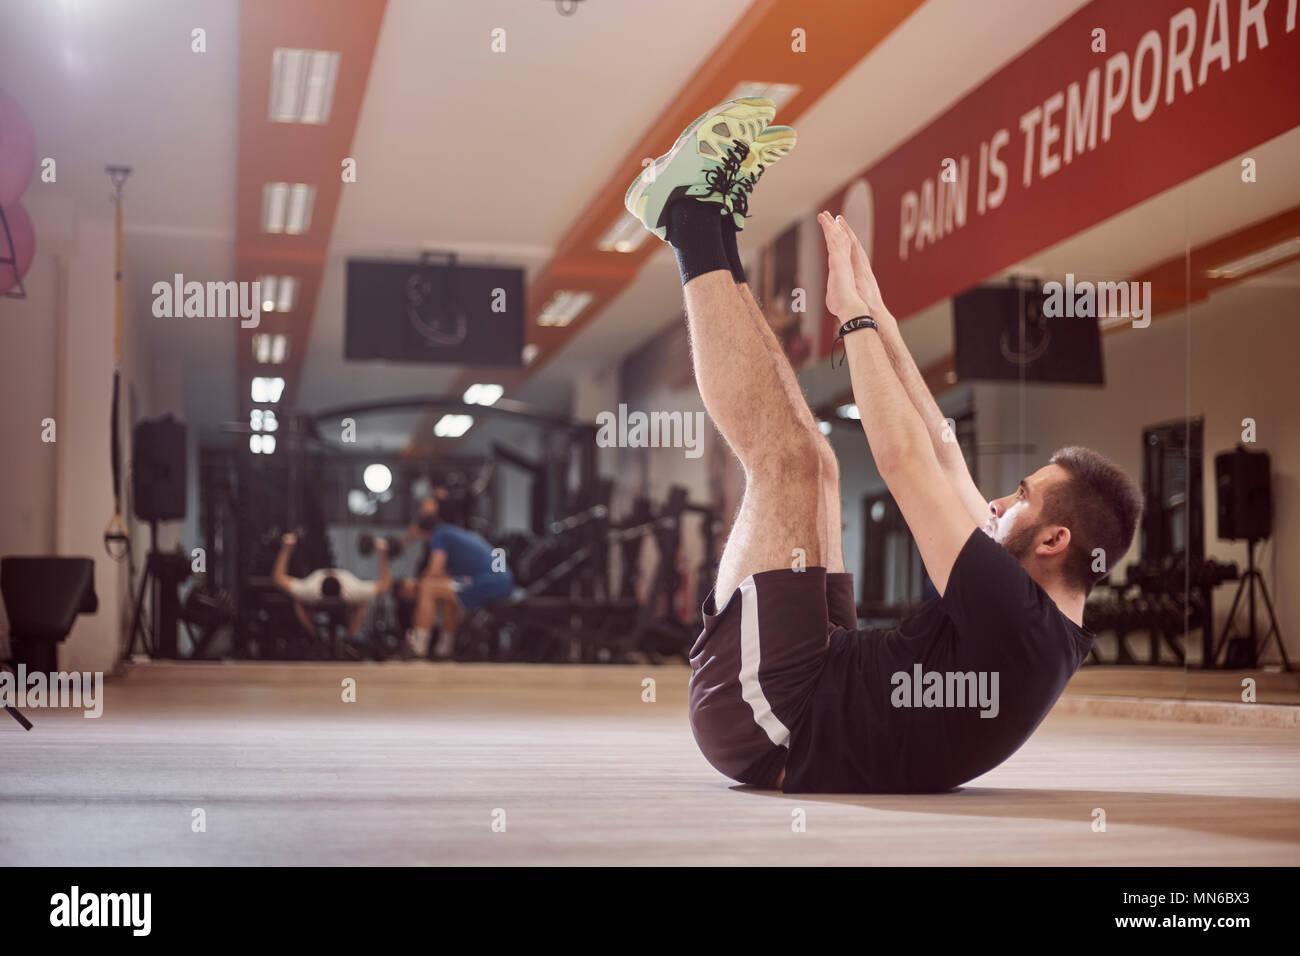 Un giovane uomo, ordinario uomo medio, esercizio abs, braccia estese alta in aria, seduto sul pavimento, in palestra. Irriconoscibile la gente dietro (al di fuori della messa a fuoco). Immagini Stock